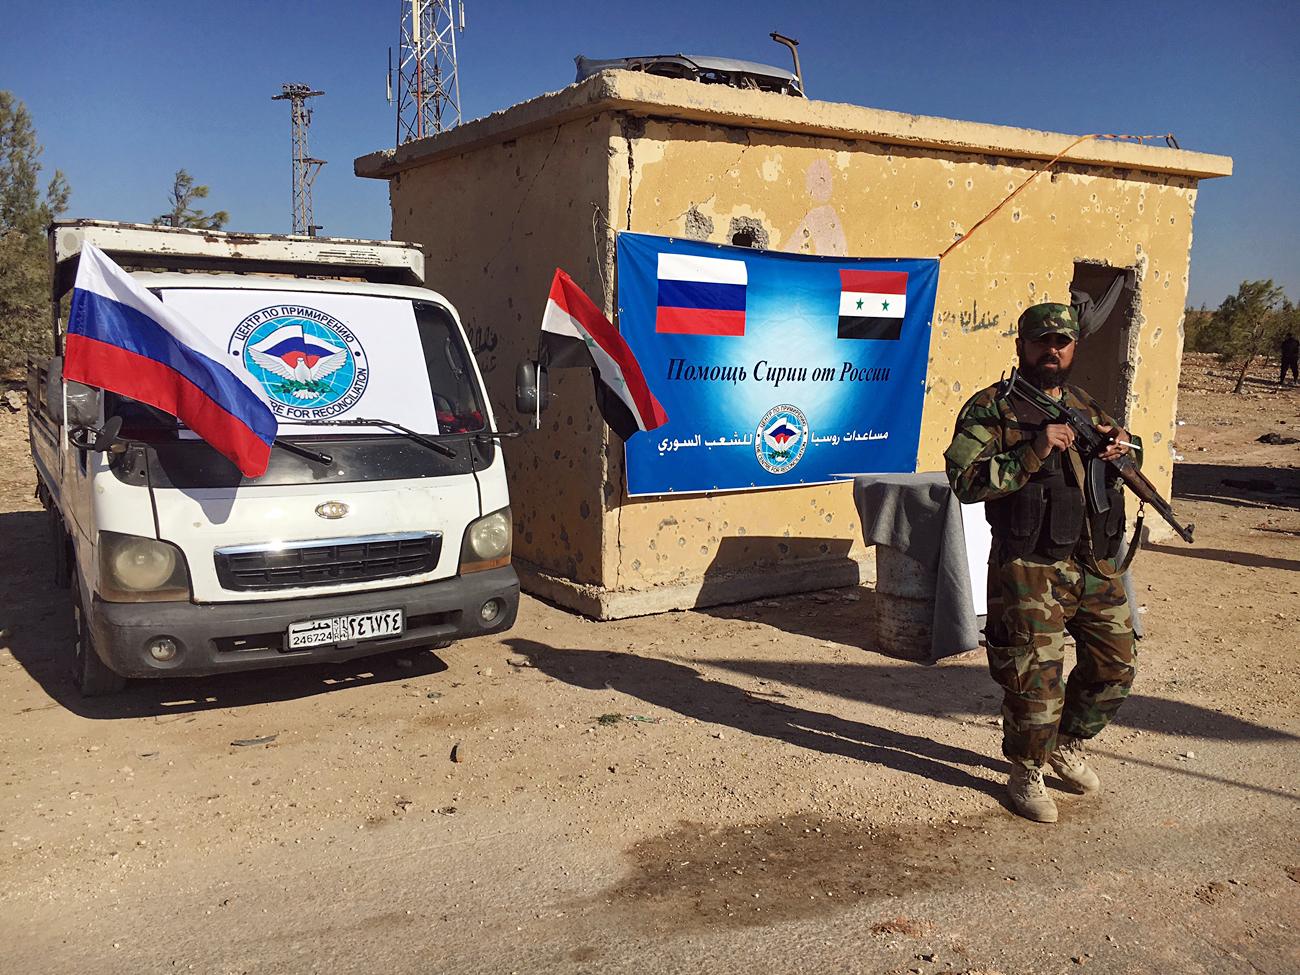 Rusia Kirim Tujuh Ton Bantuan Kemanusiaan ke Suriah